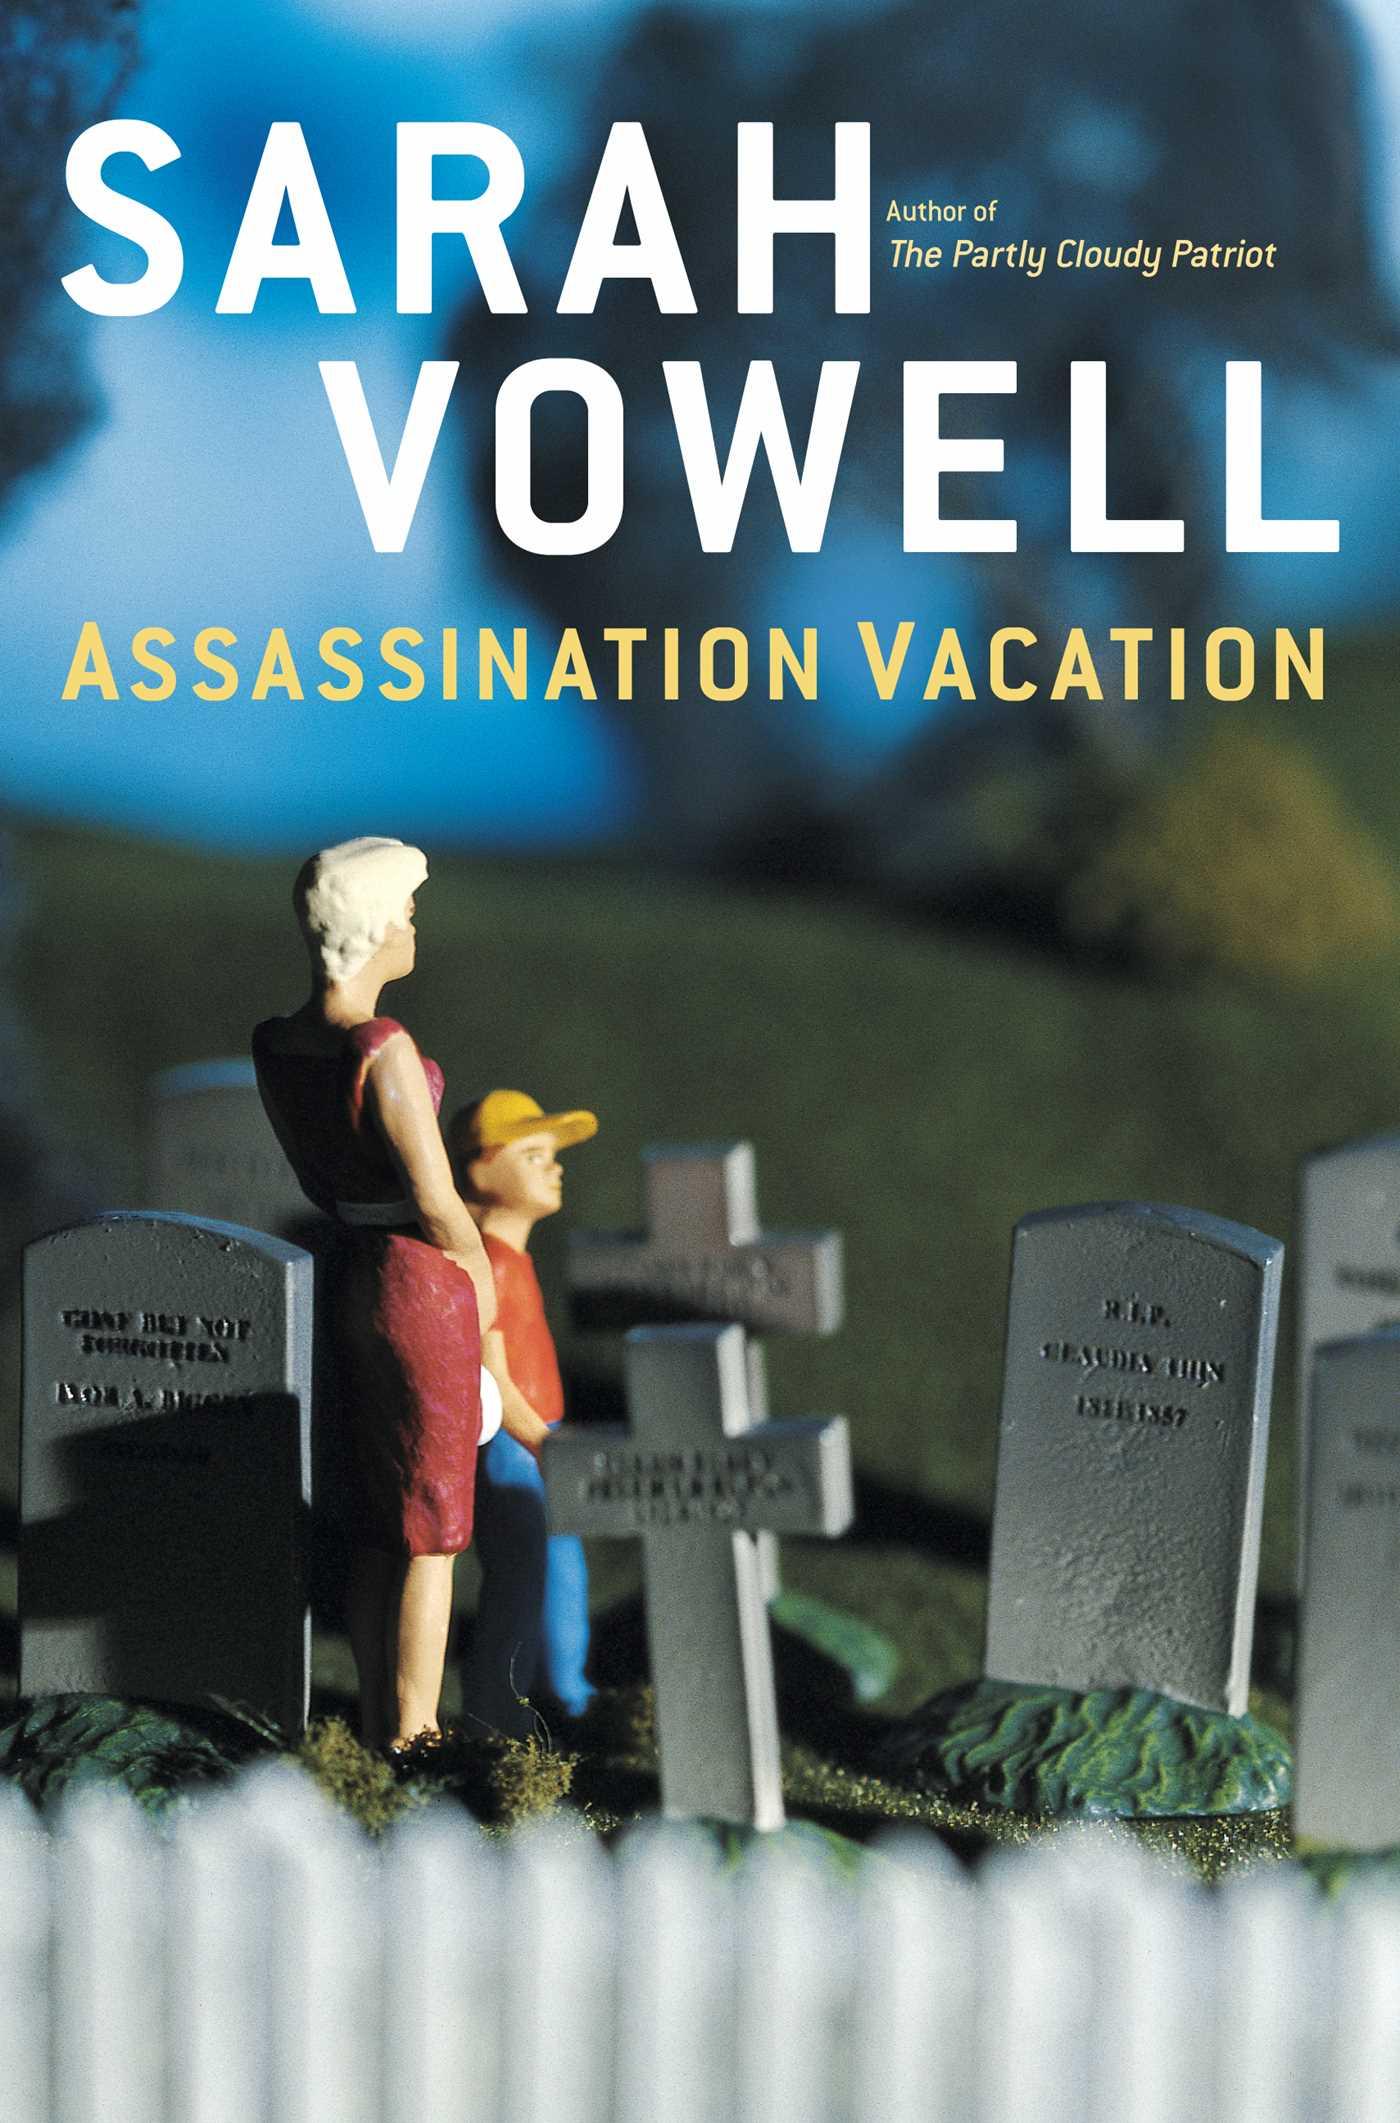 Assassination vacation 9780743282536 hr